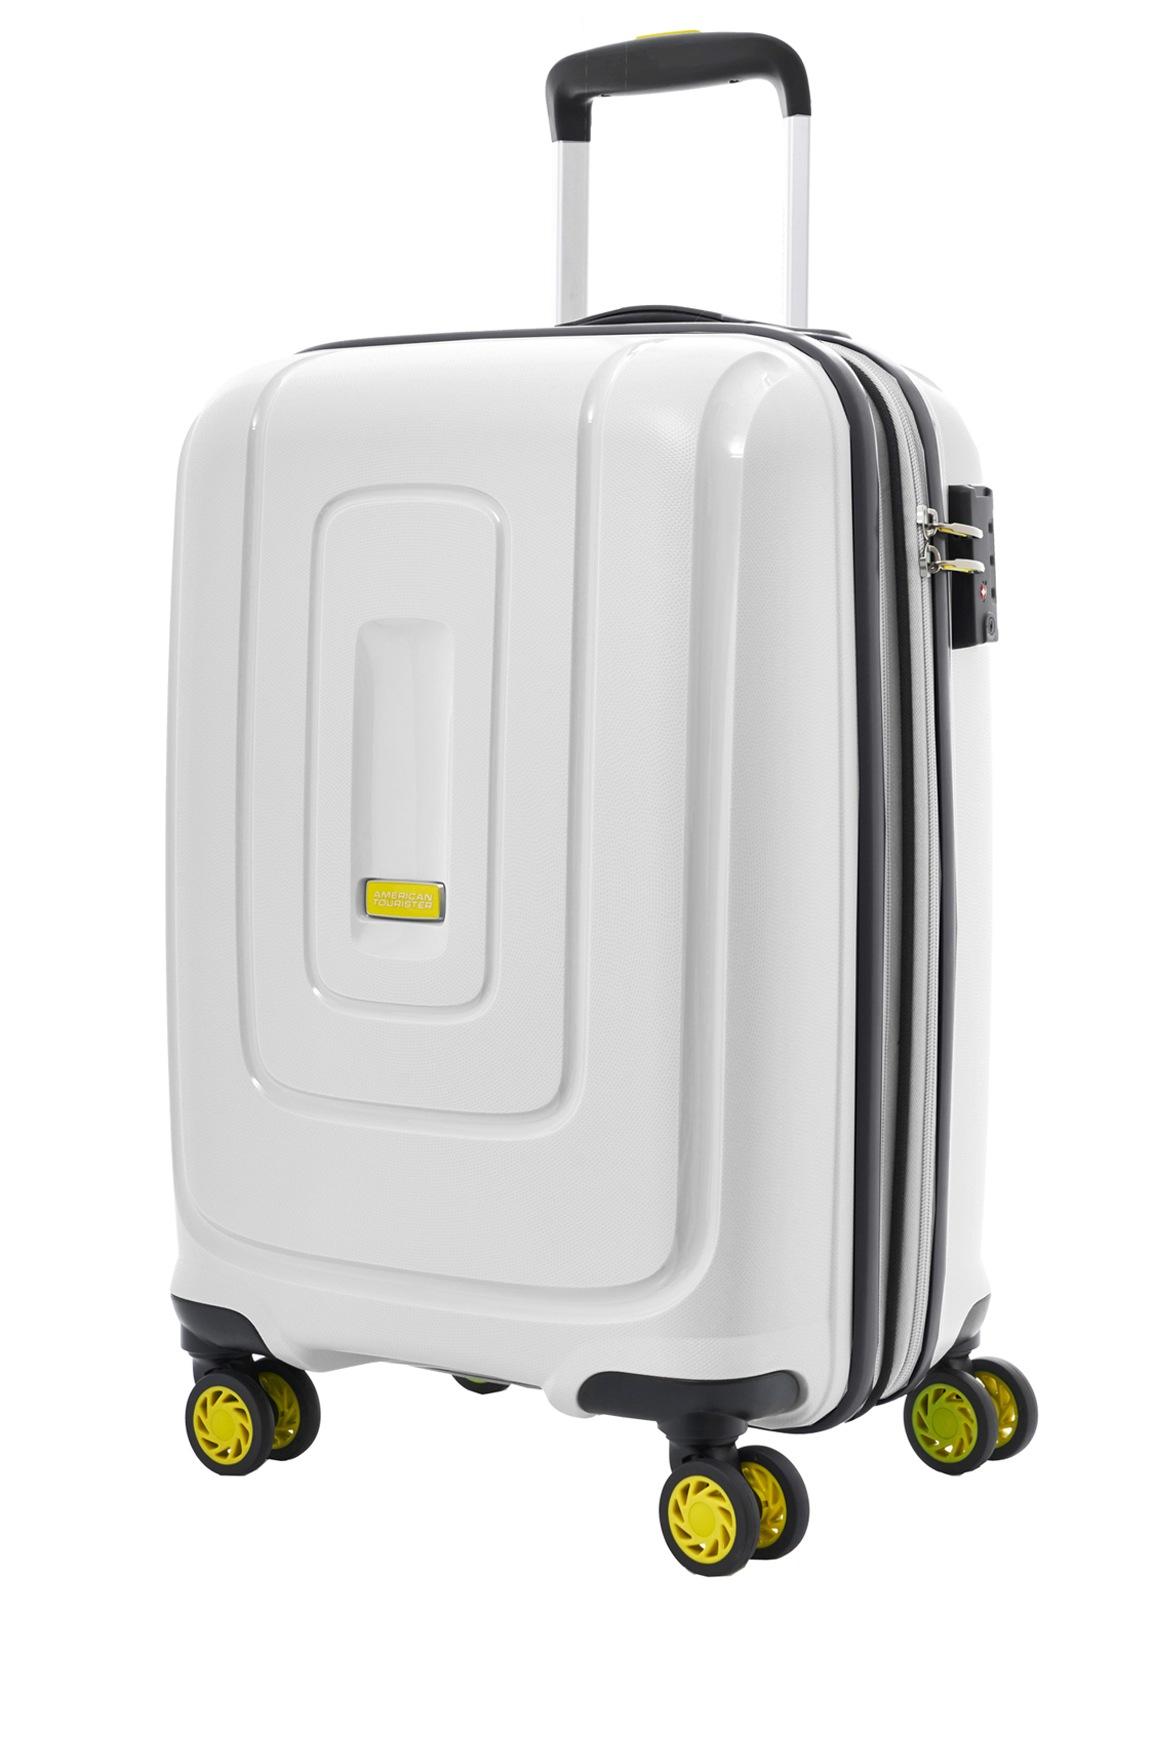 american tourister lightrax hardside spinner case large. Black Bedroom Furniture Sets. Home Design Ideas